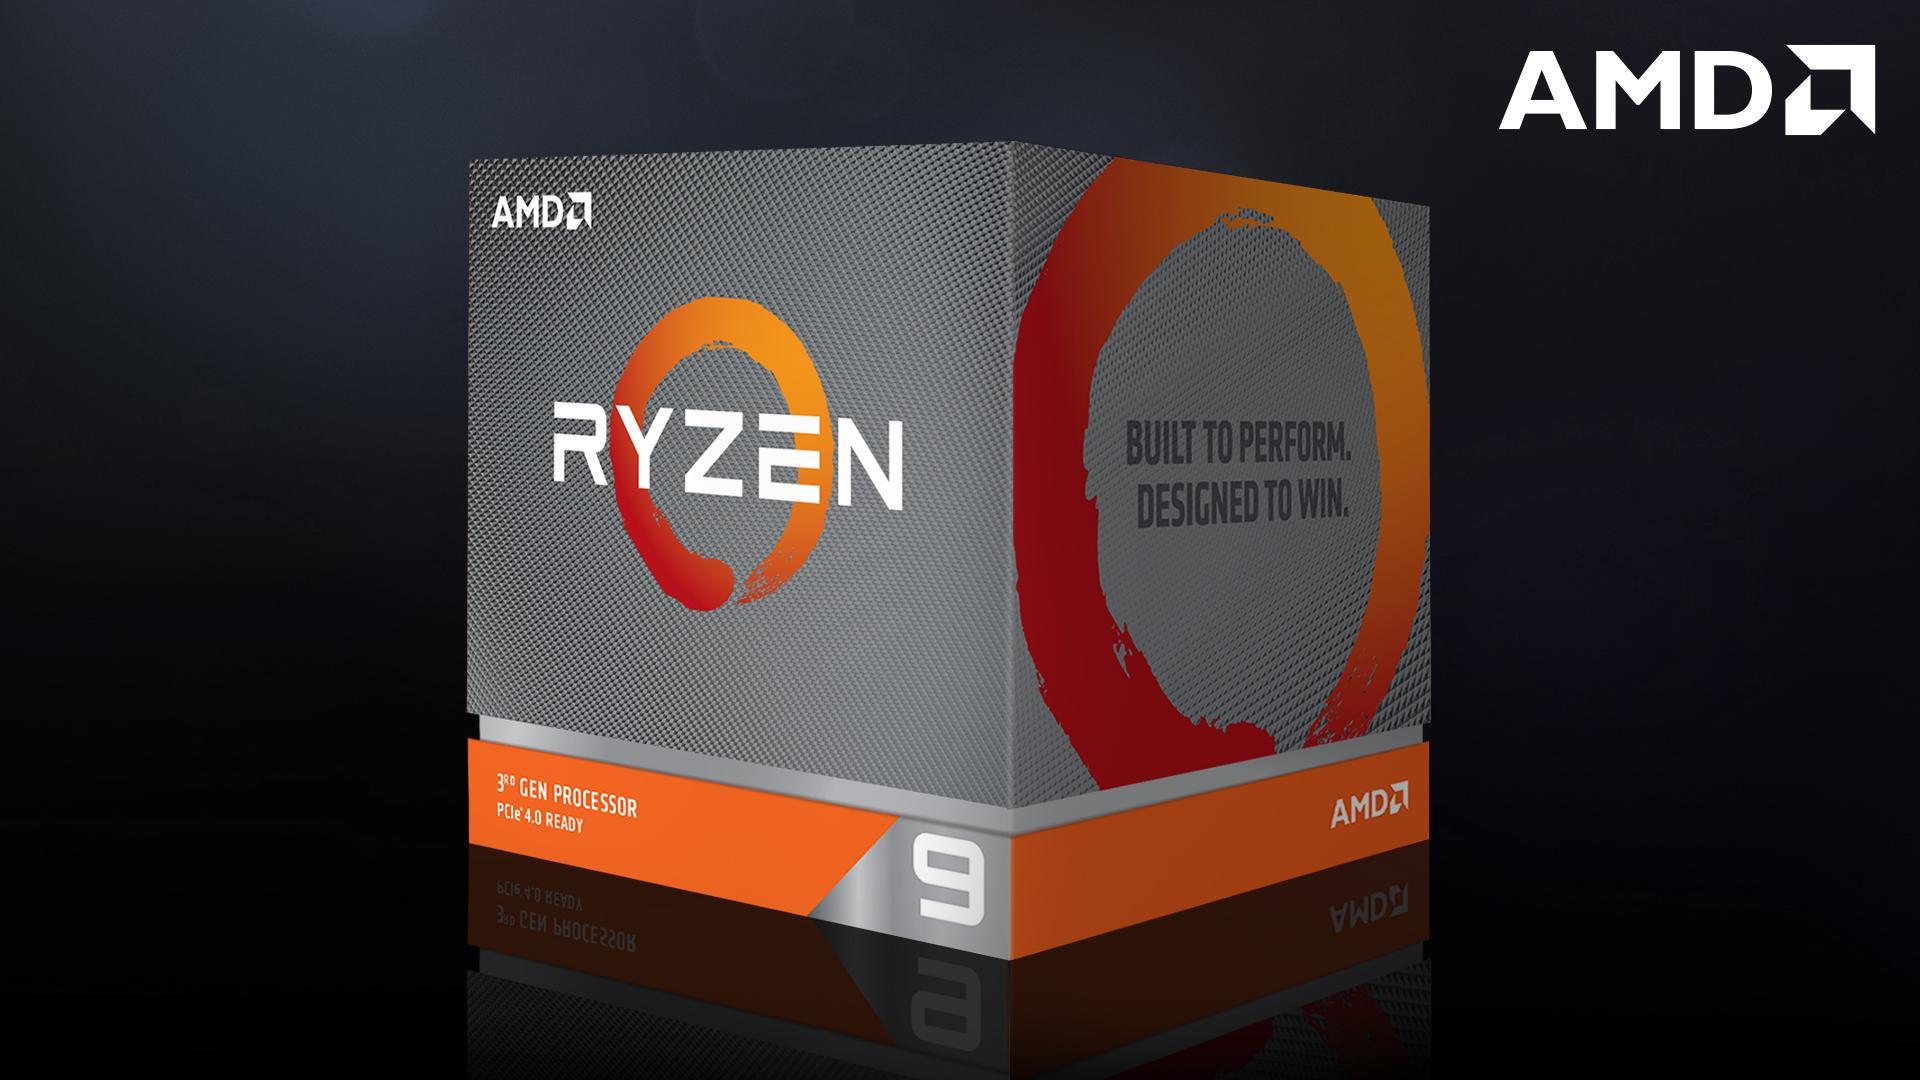 وأخيراً وبعد طول انتظار AMD تعلن عن معالج Ryzen 9 3900 و معالج Ryzen 5 3500X